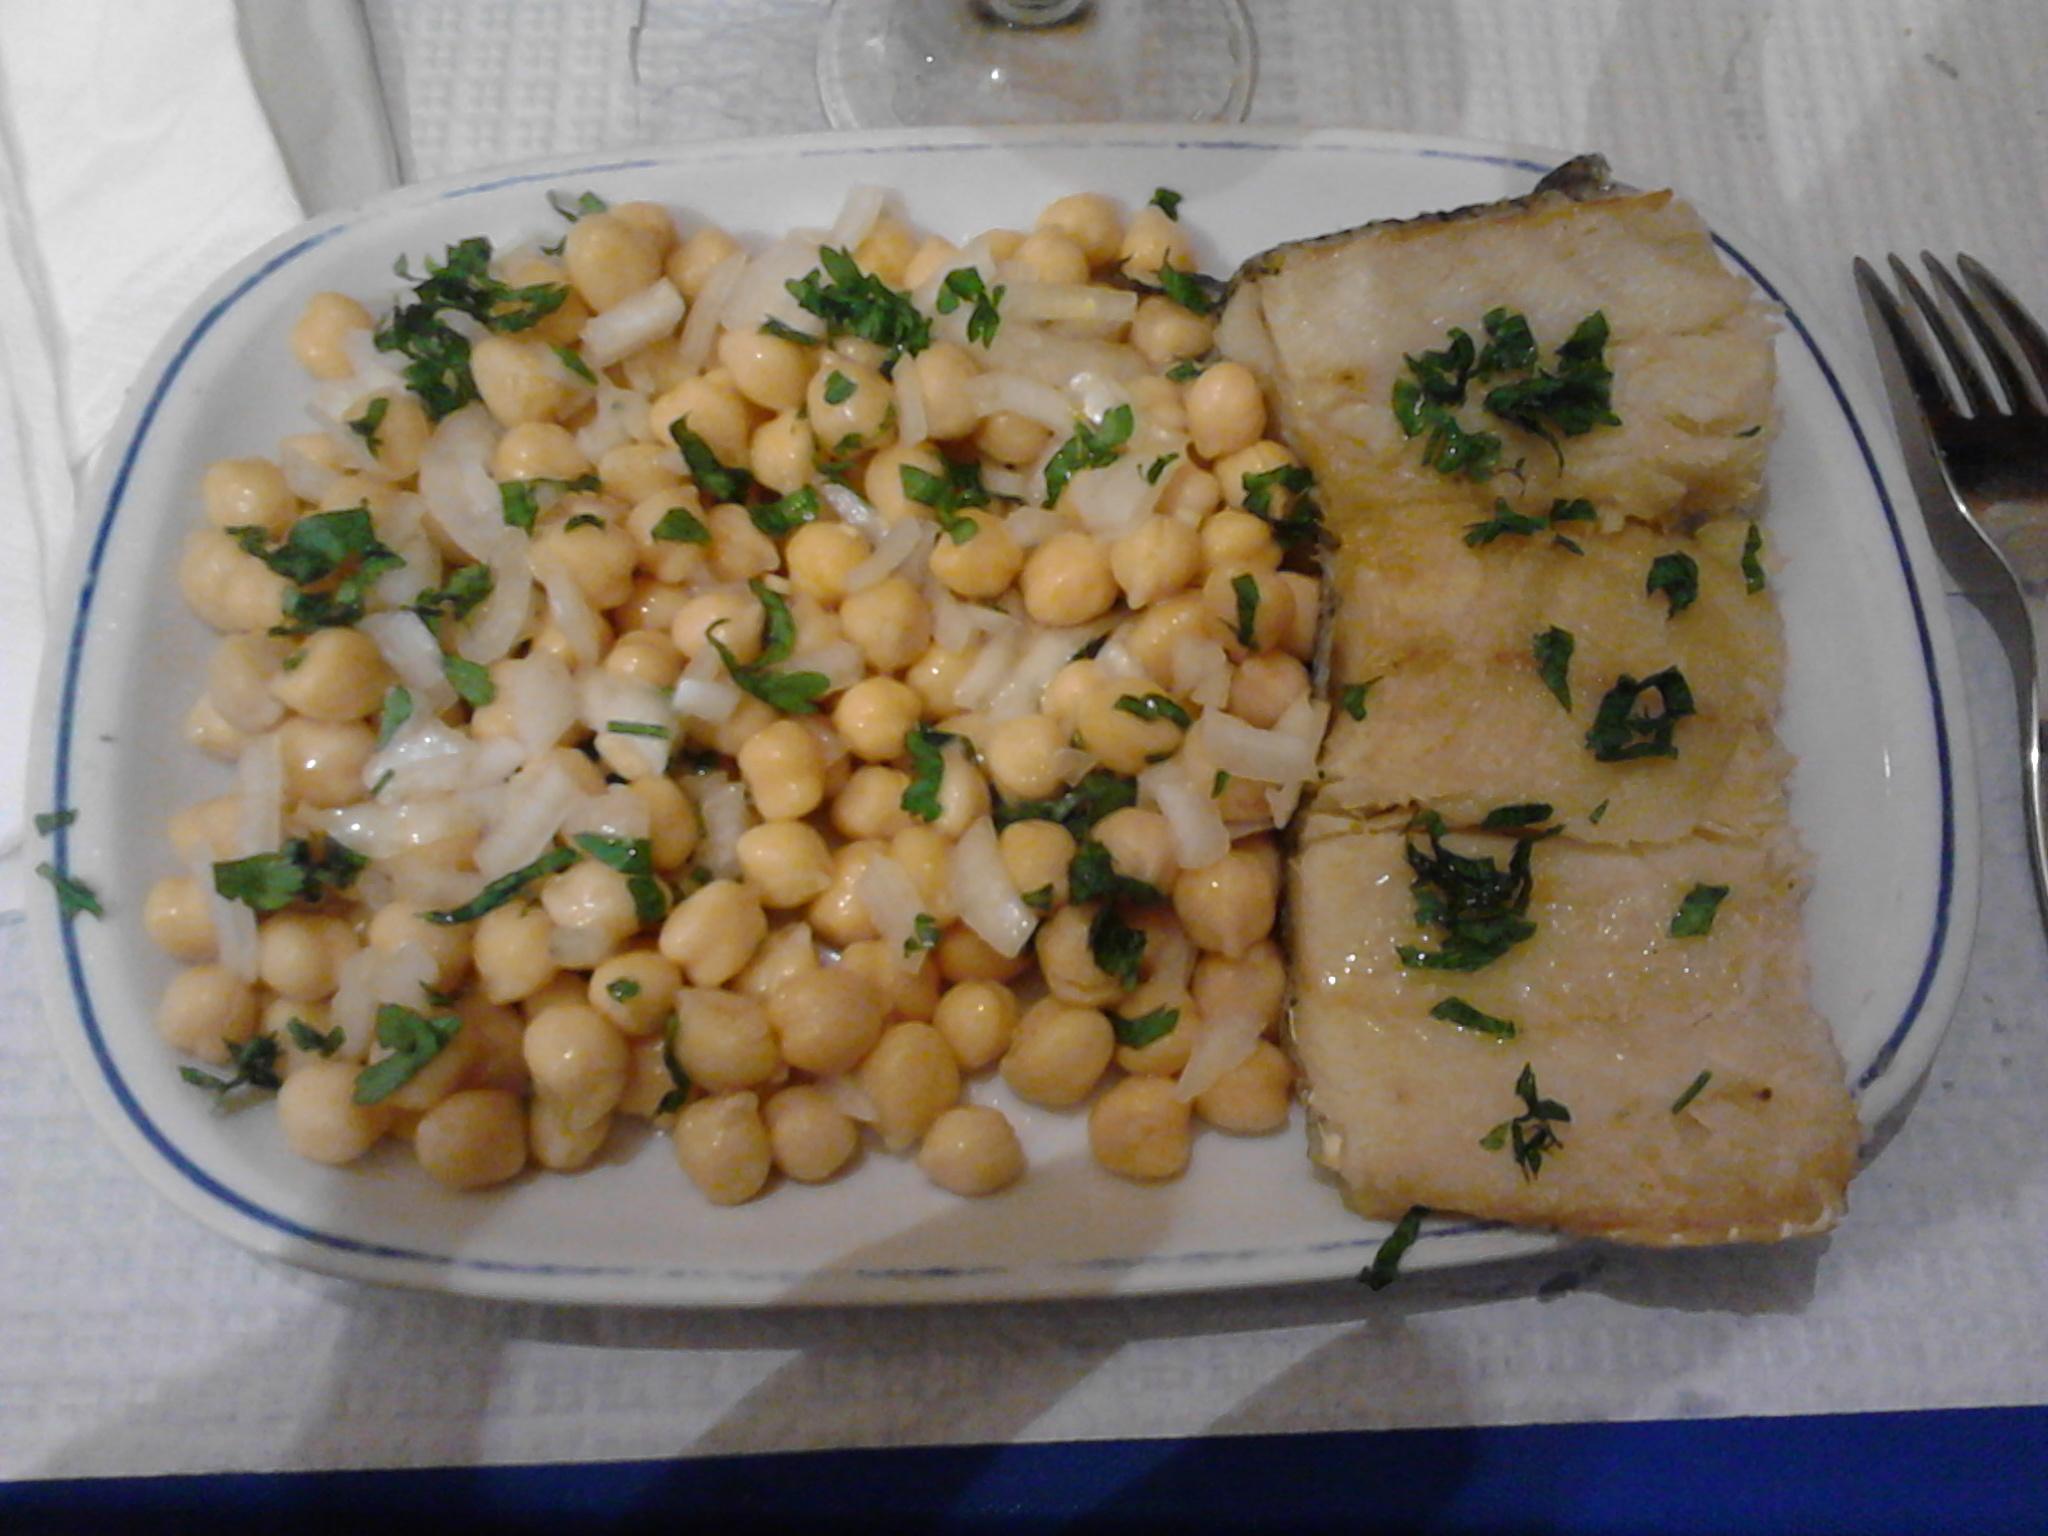 Le eccellenti abitudini dei ristoratori portoghesi